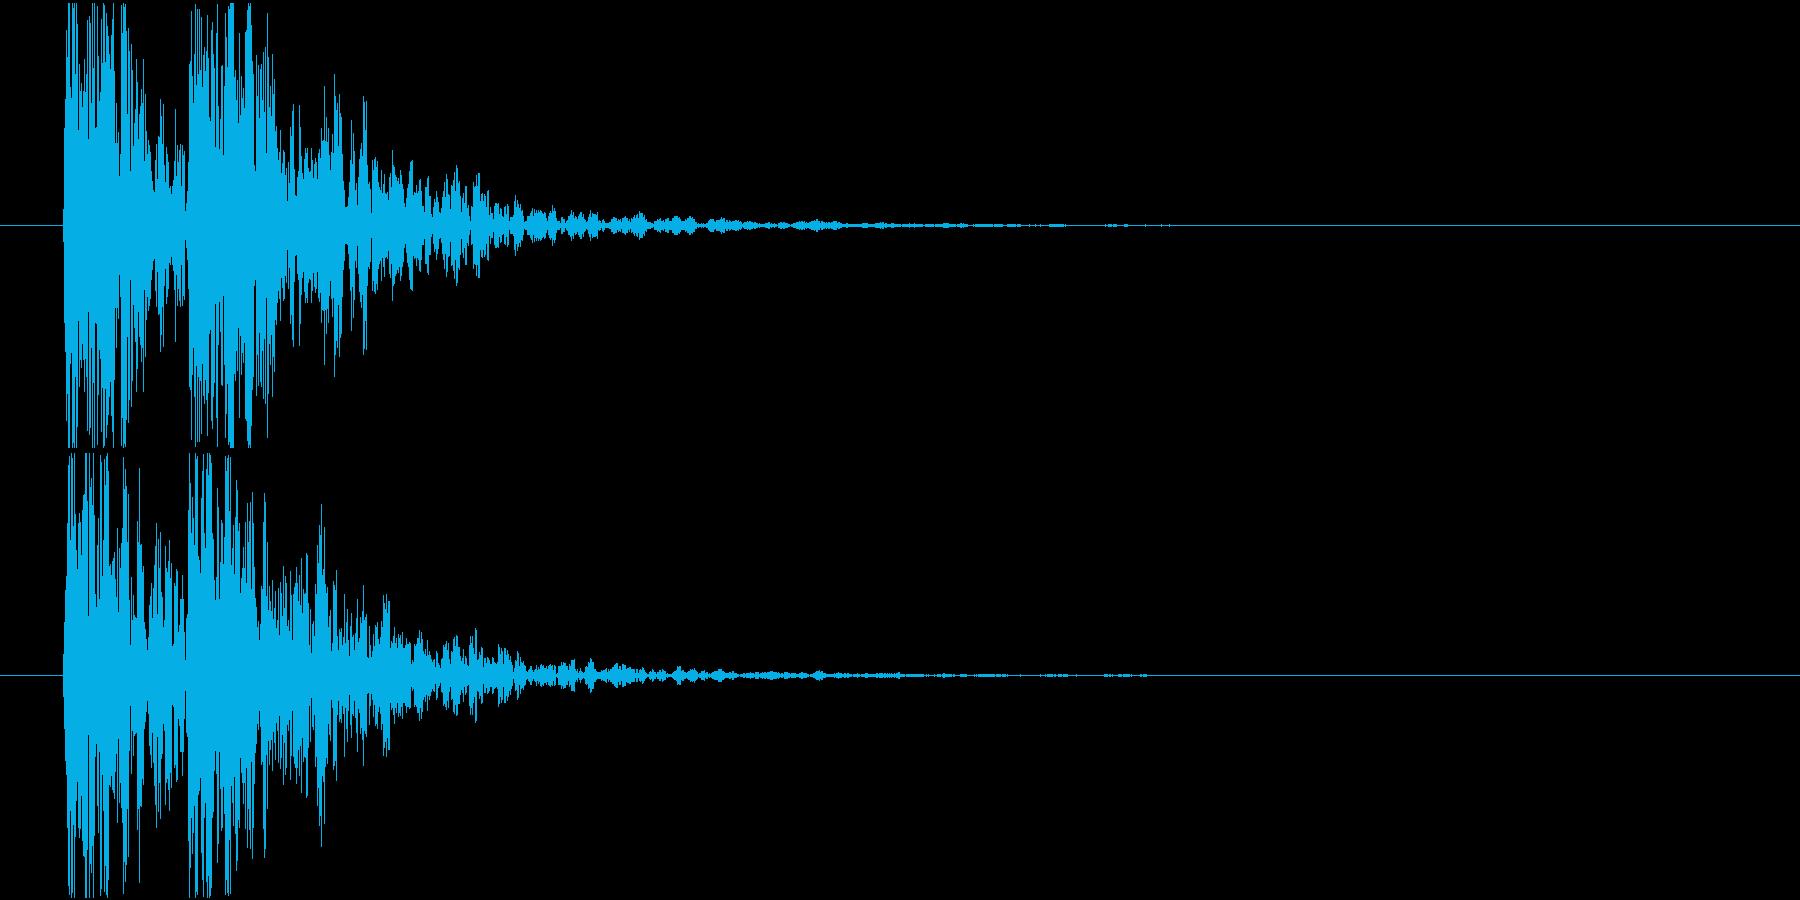 太鼓の音(低音)の再生済みの波形